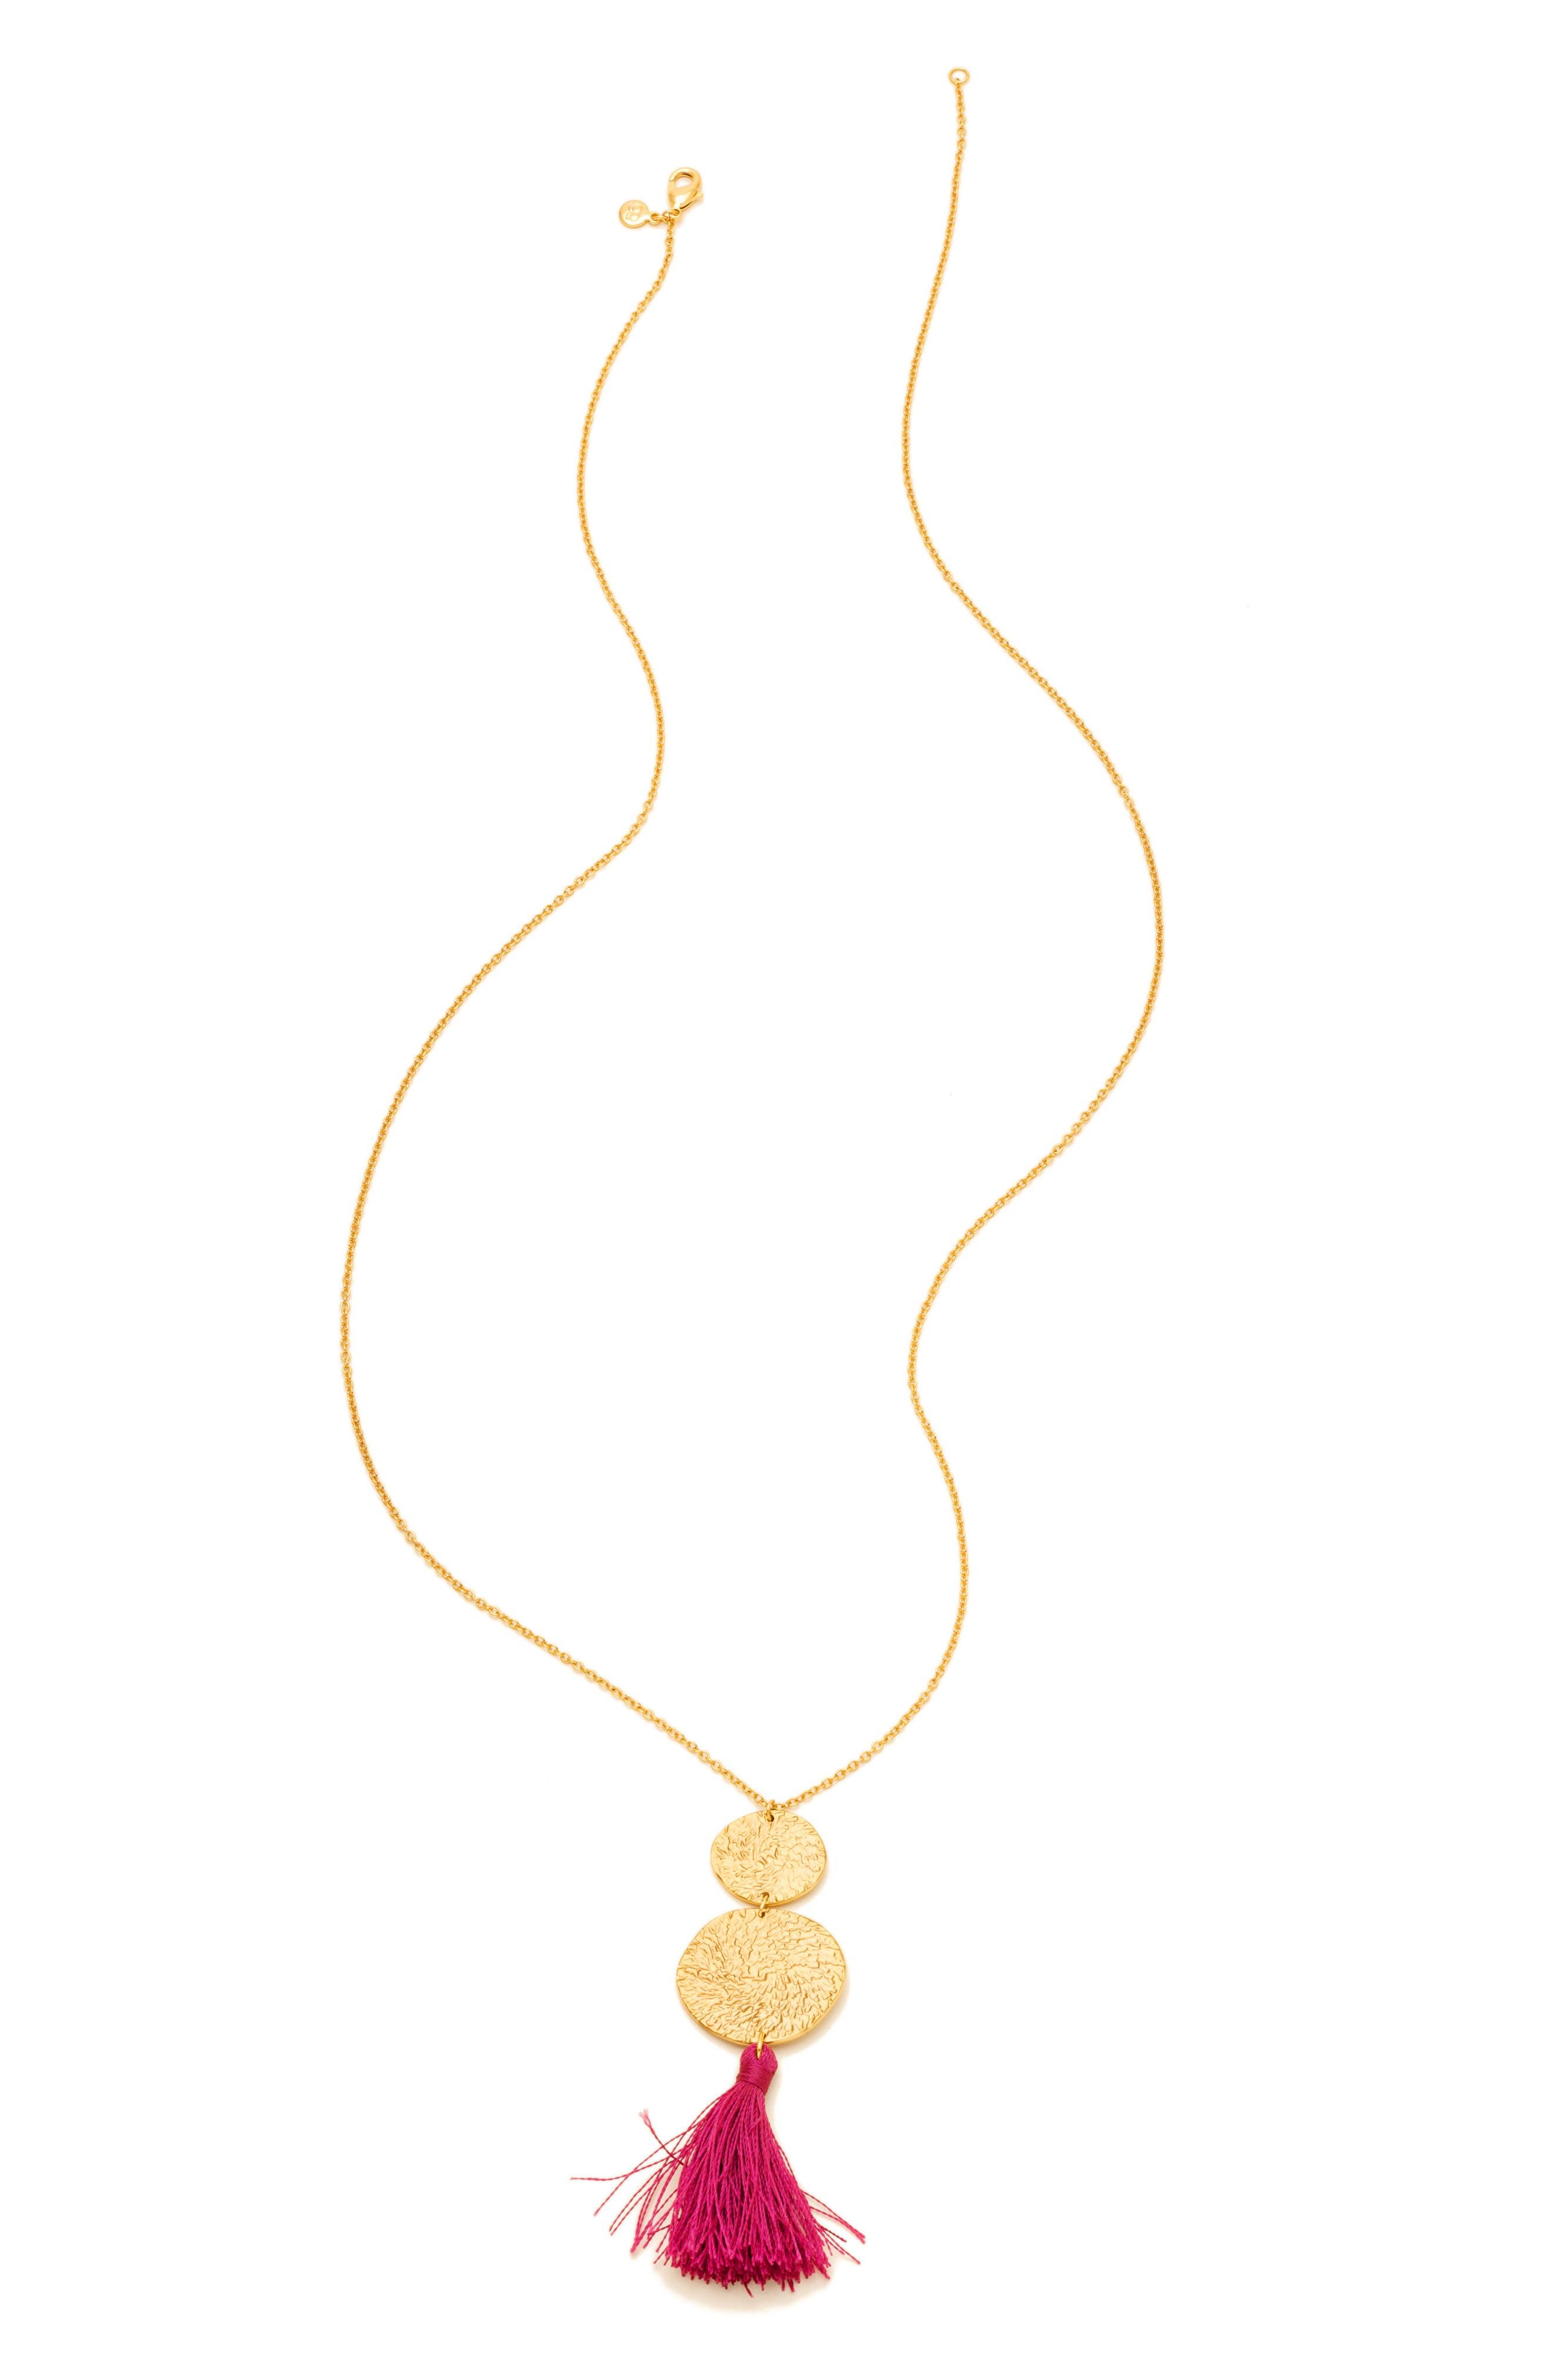 Phoenix Pendant Necklace,                             Main thumbnail 1, color,                             BERRY/GOLD